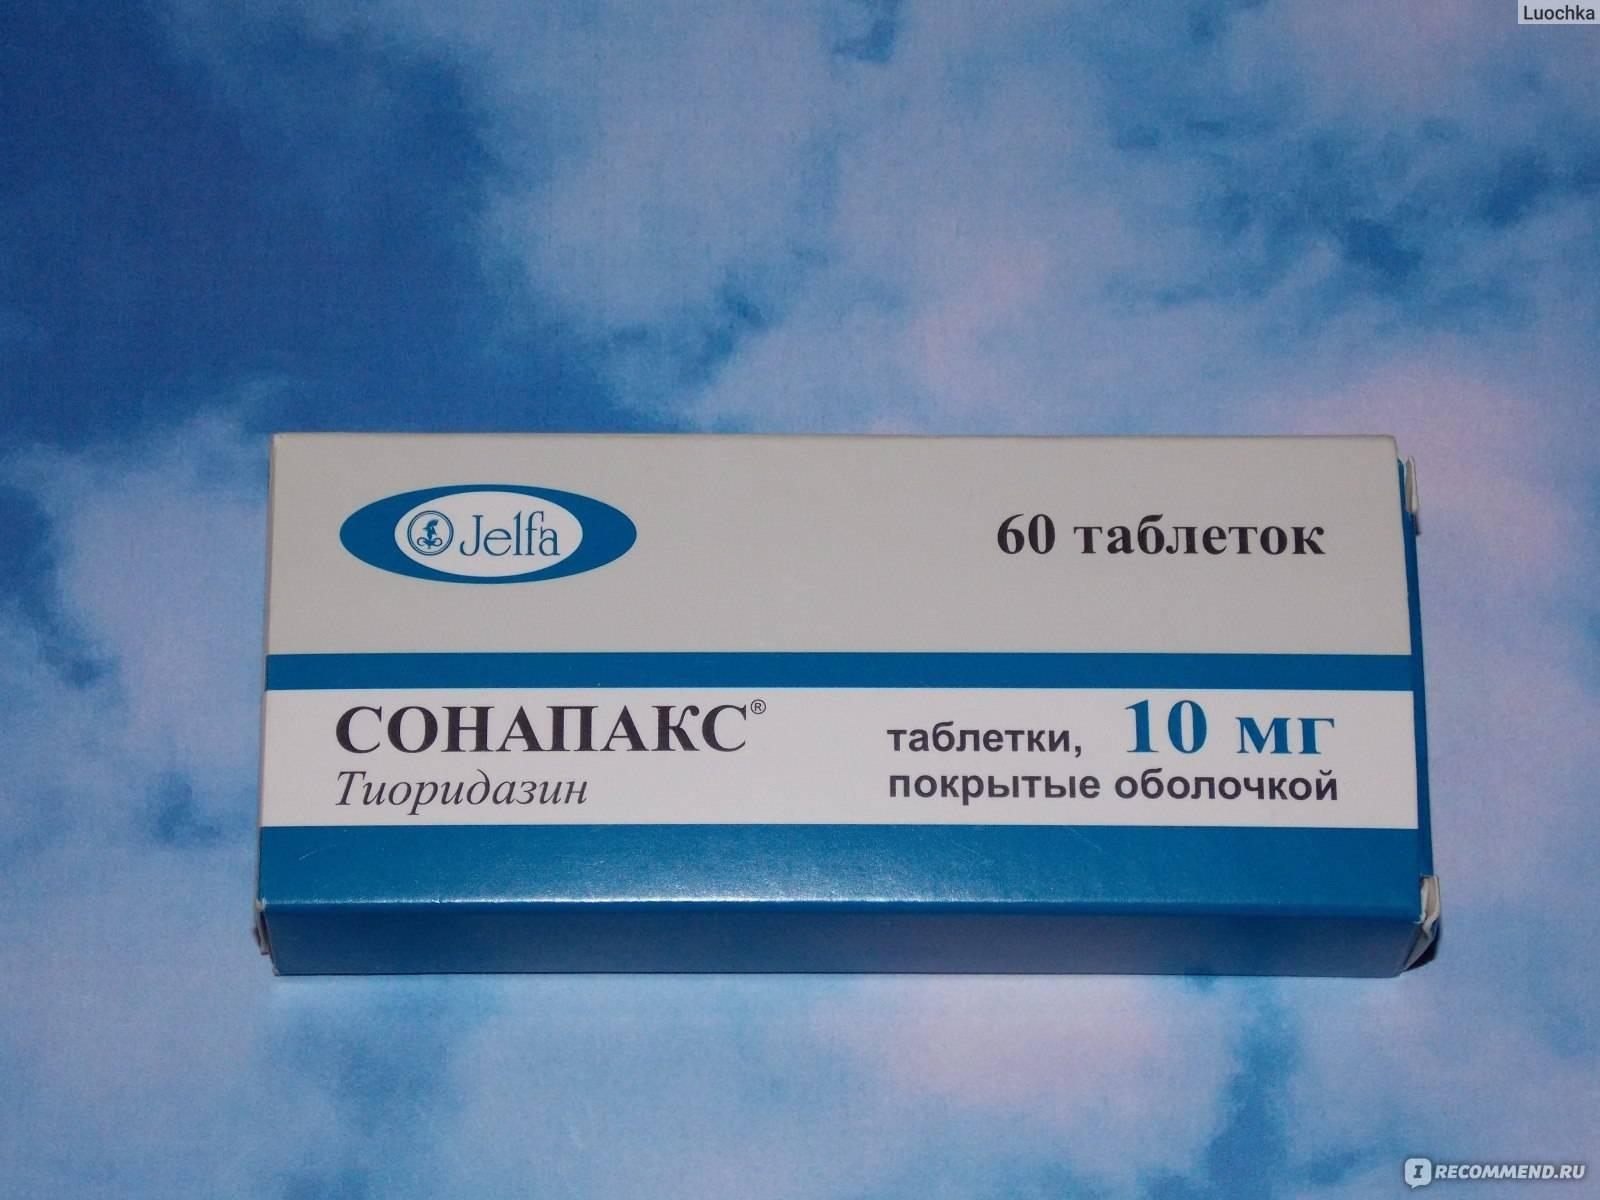 Сонапакс цена в томске от 284 руб., купить сонапакс, отзывы и инструкция по применению